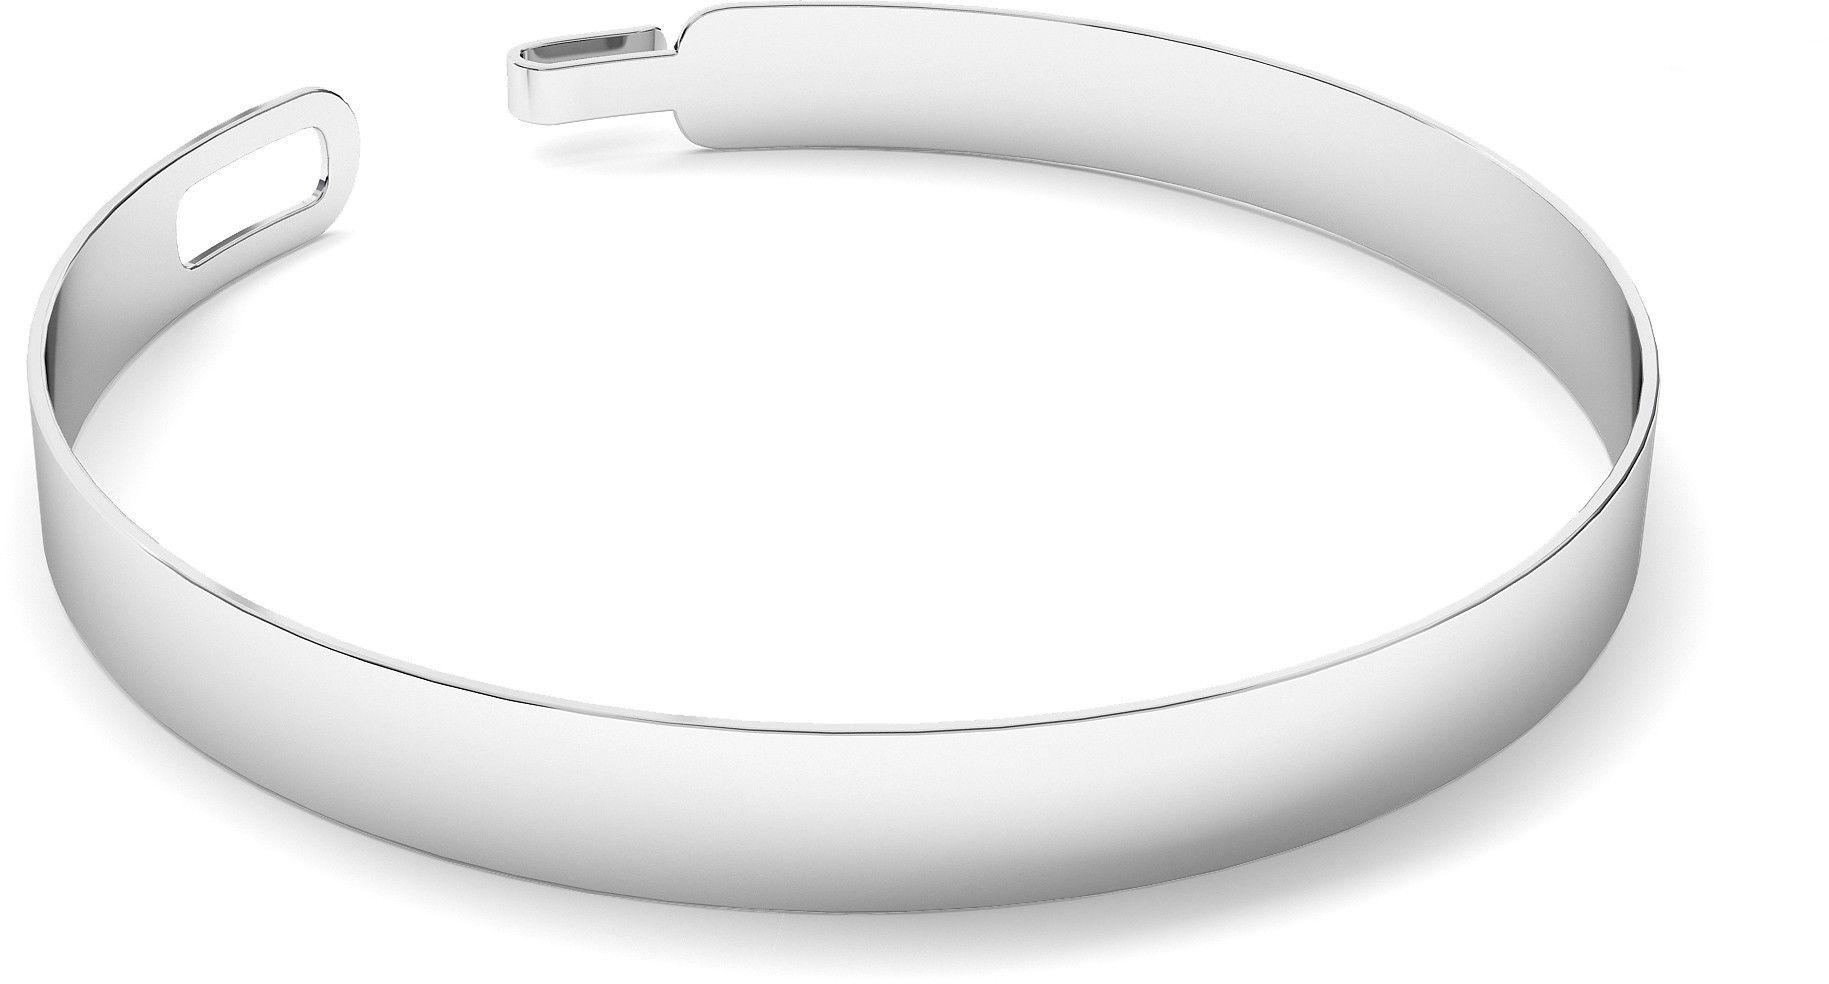 Męska szeroka polerowana sztywna bransoletka, srebro 925 : Kolor pokrycia srebra - Pokrycie platyną, Sztywne bransoletki - męski rozmiar - S - 18 CM